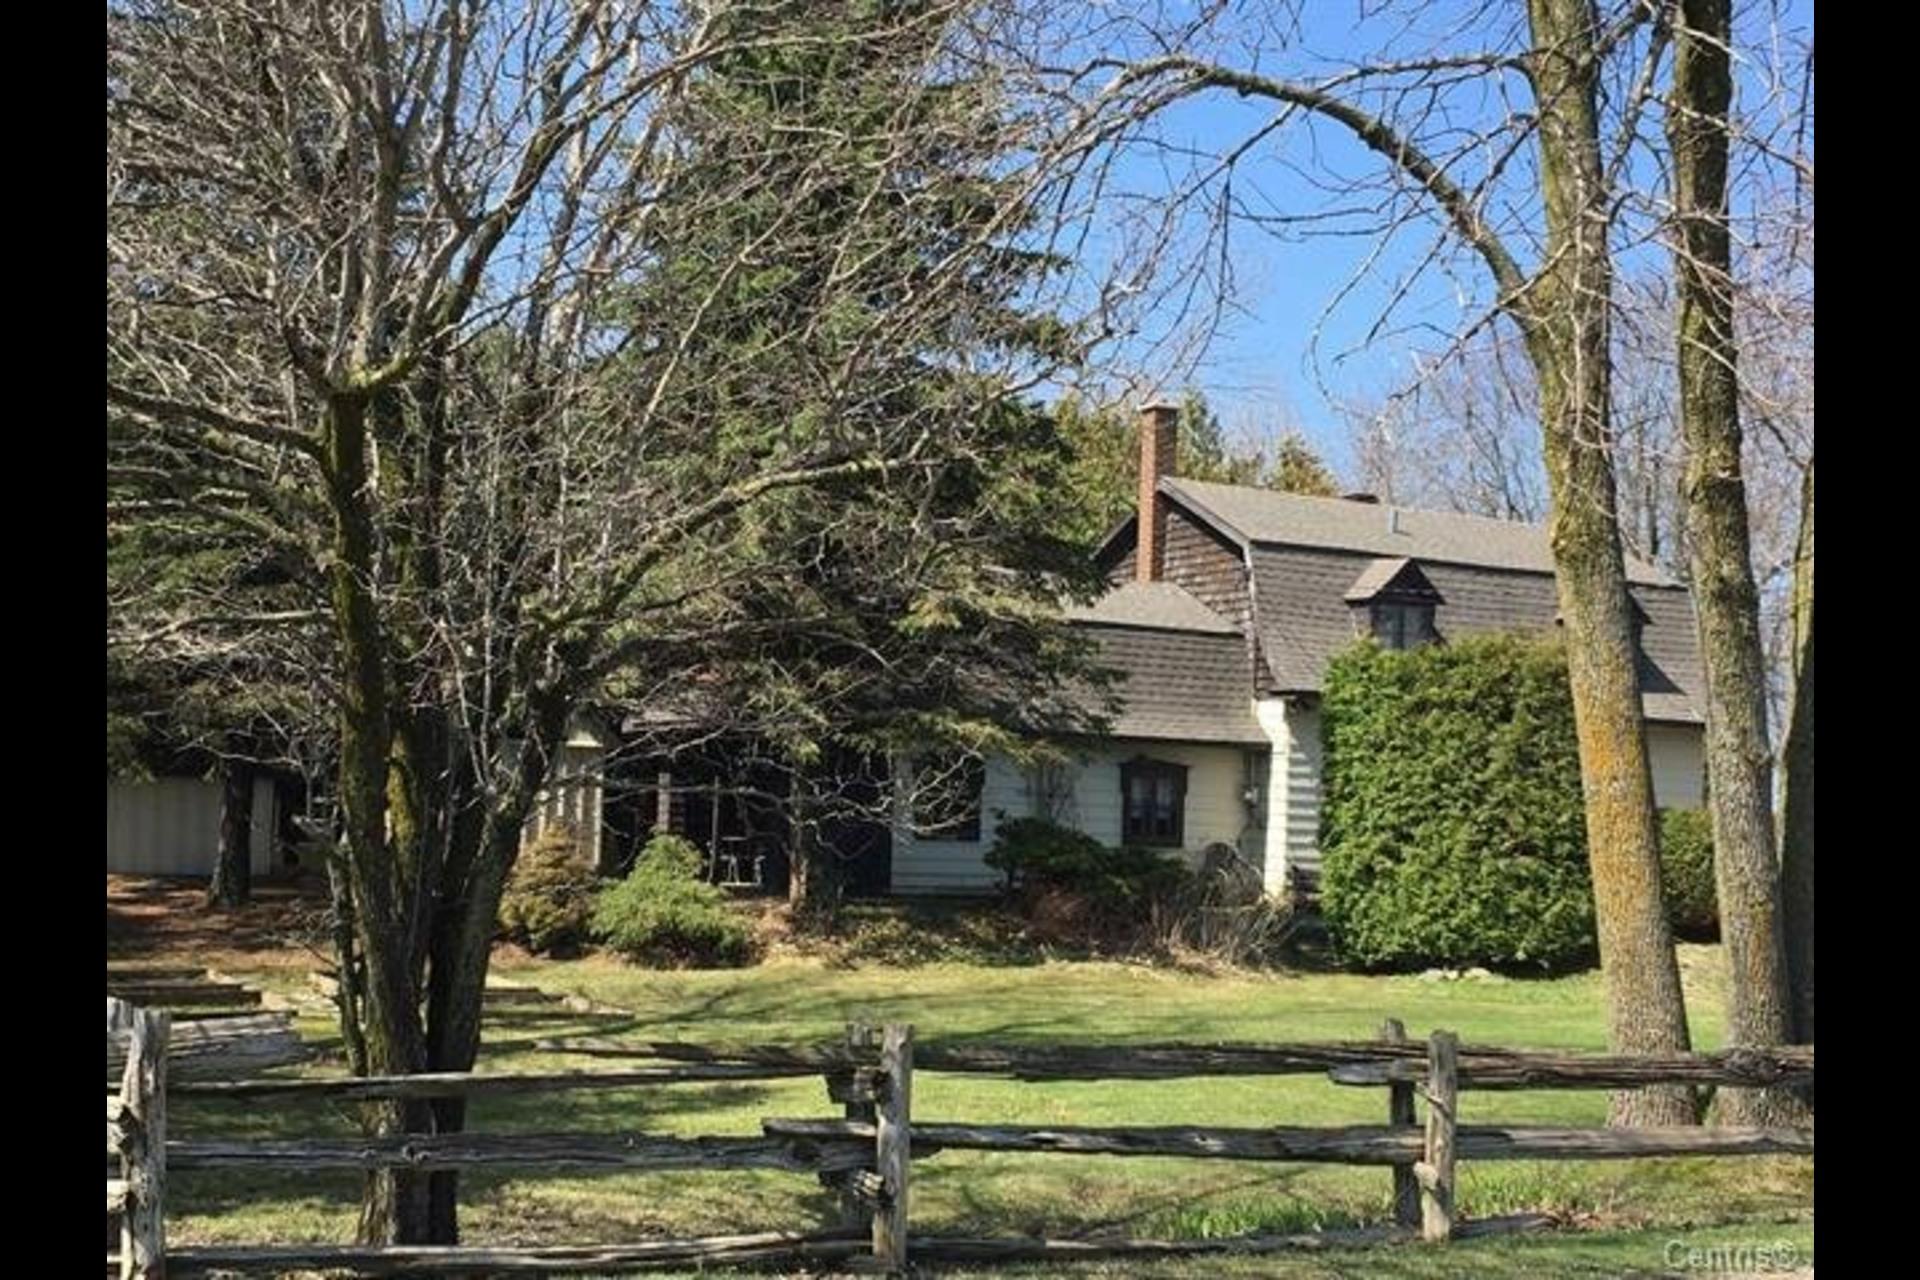 image 1 - MX - Casa sola - MX En venta Vaudreuil-Dorion - 12 habitaciones